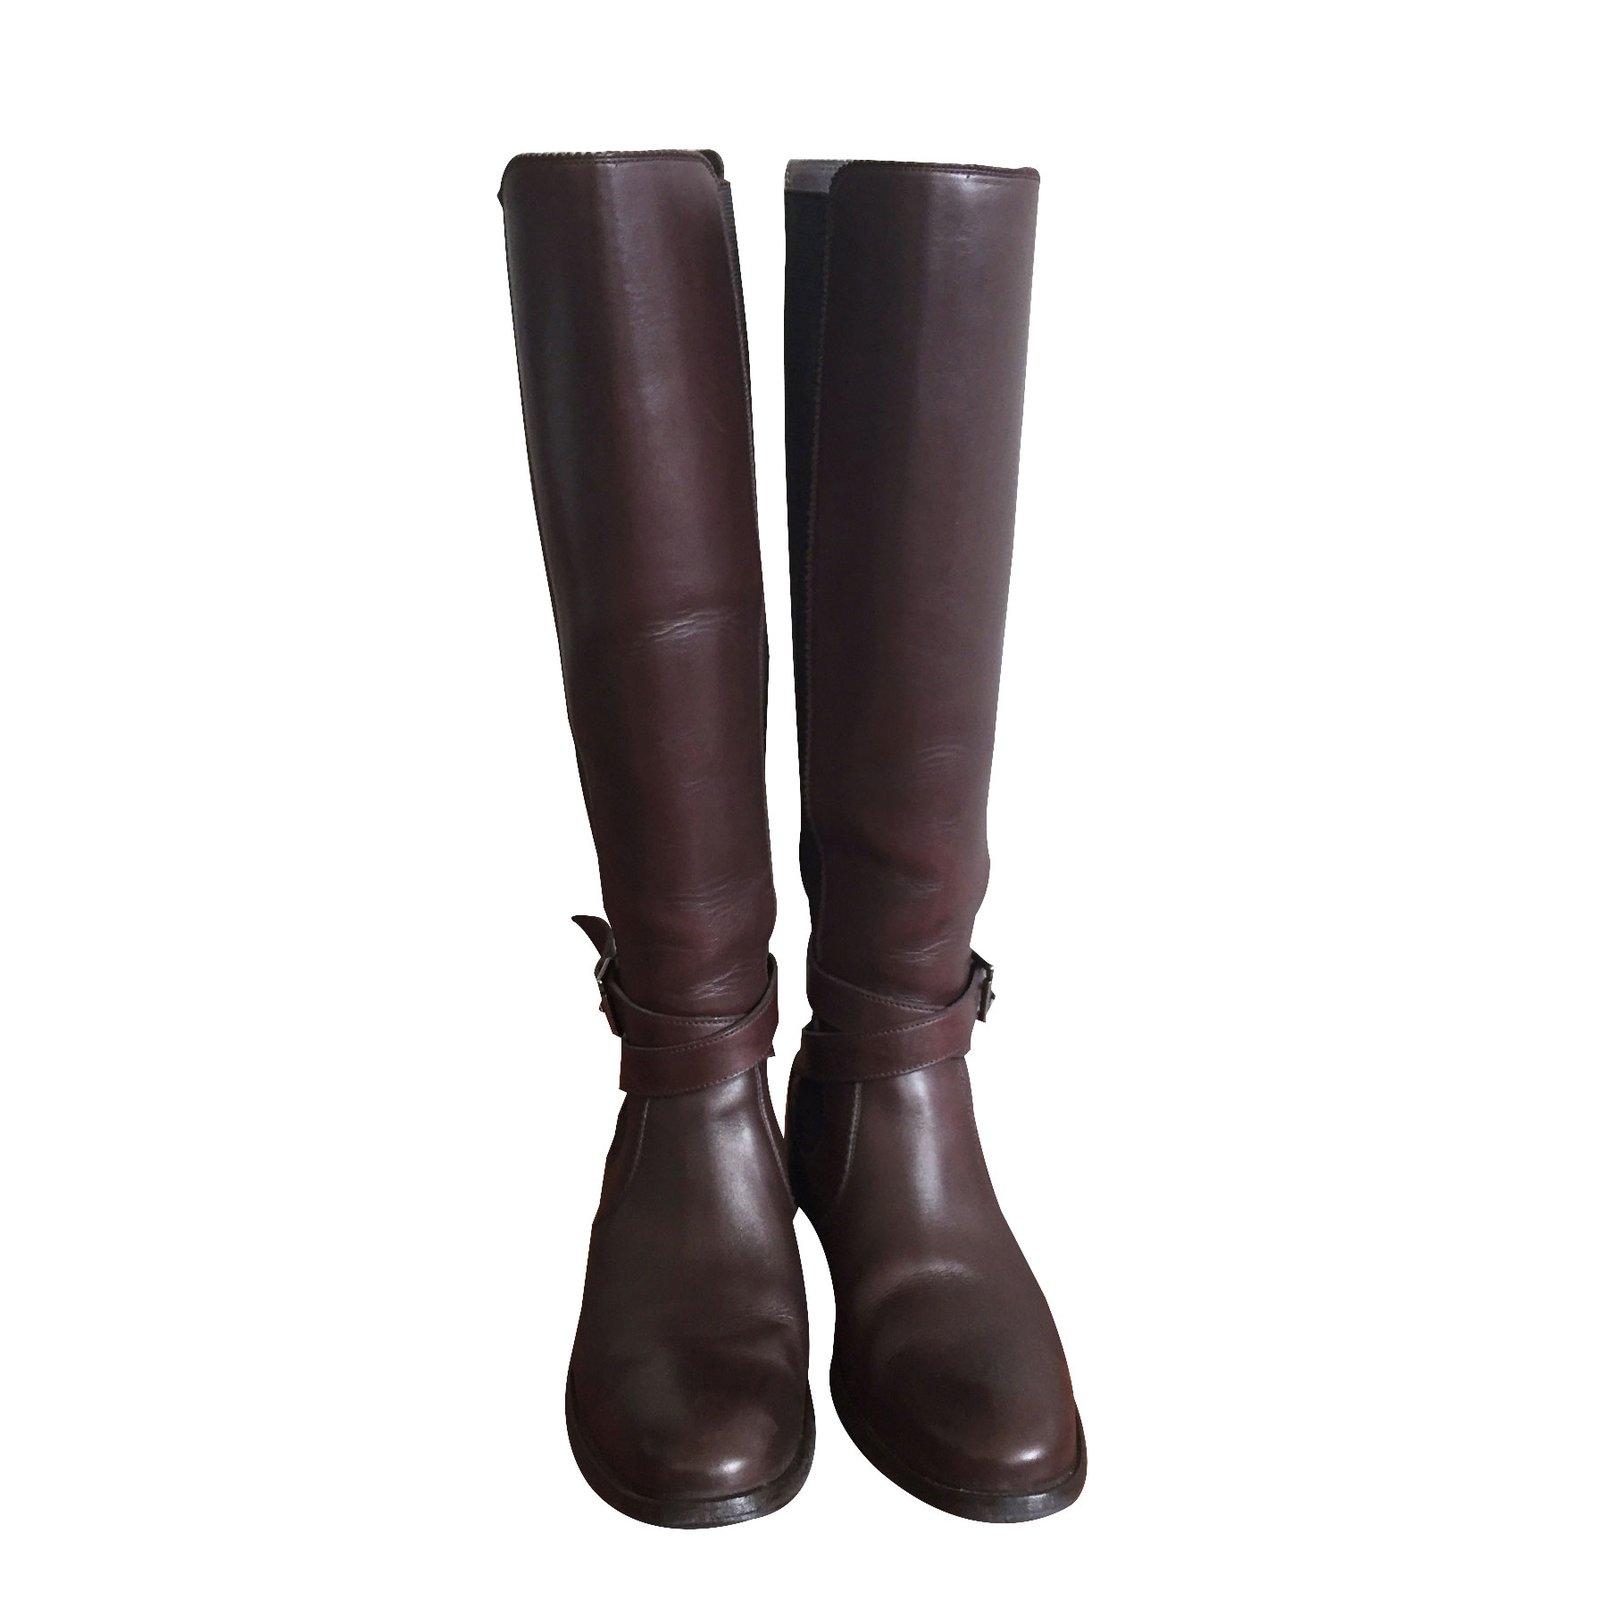 bottes heschung bottes cuir marron ref.23865 - joli closet